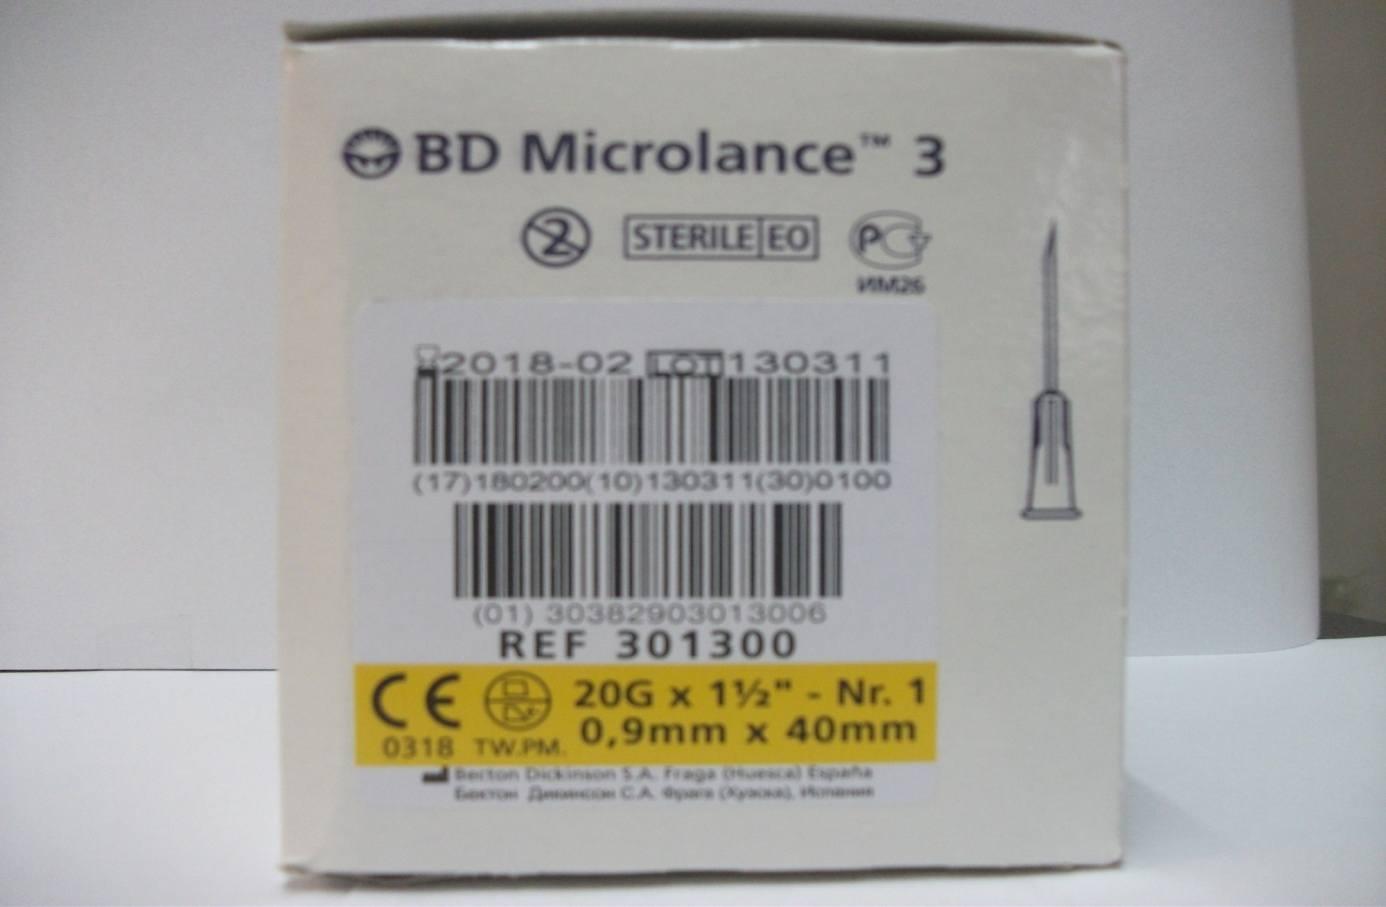 ACE 0,9 mm X 40 mm